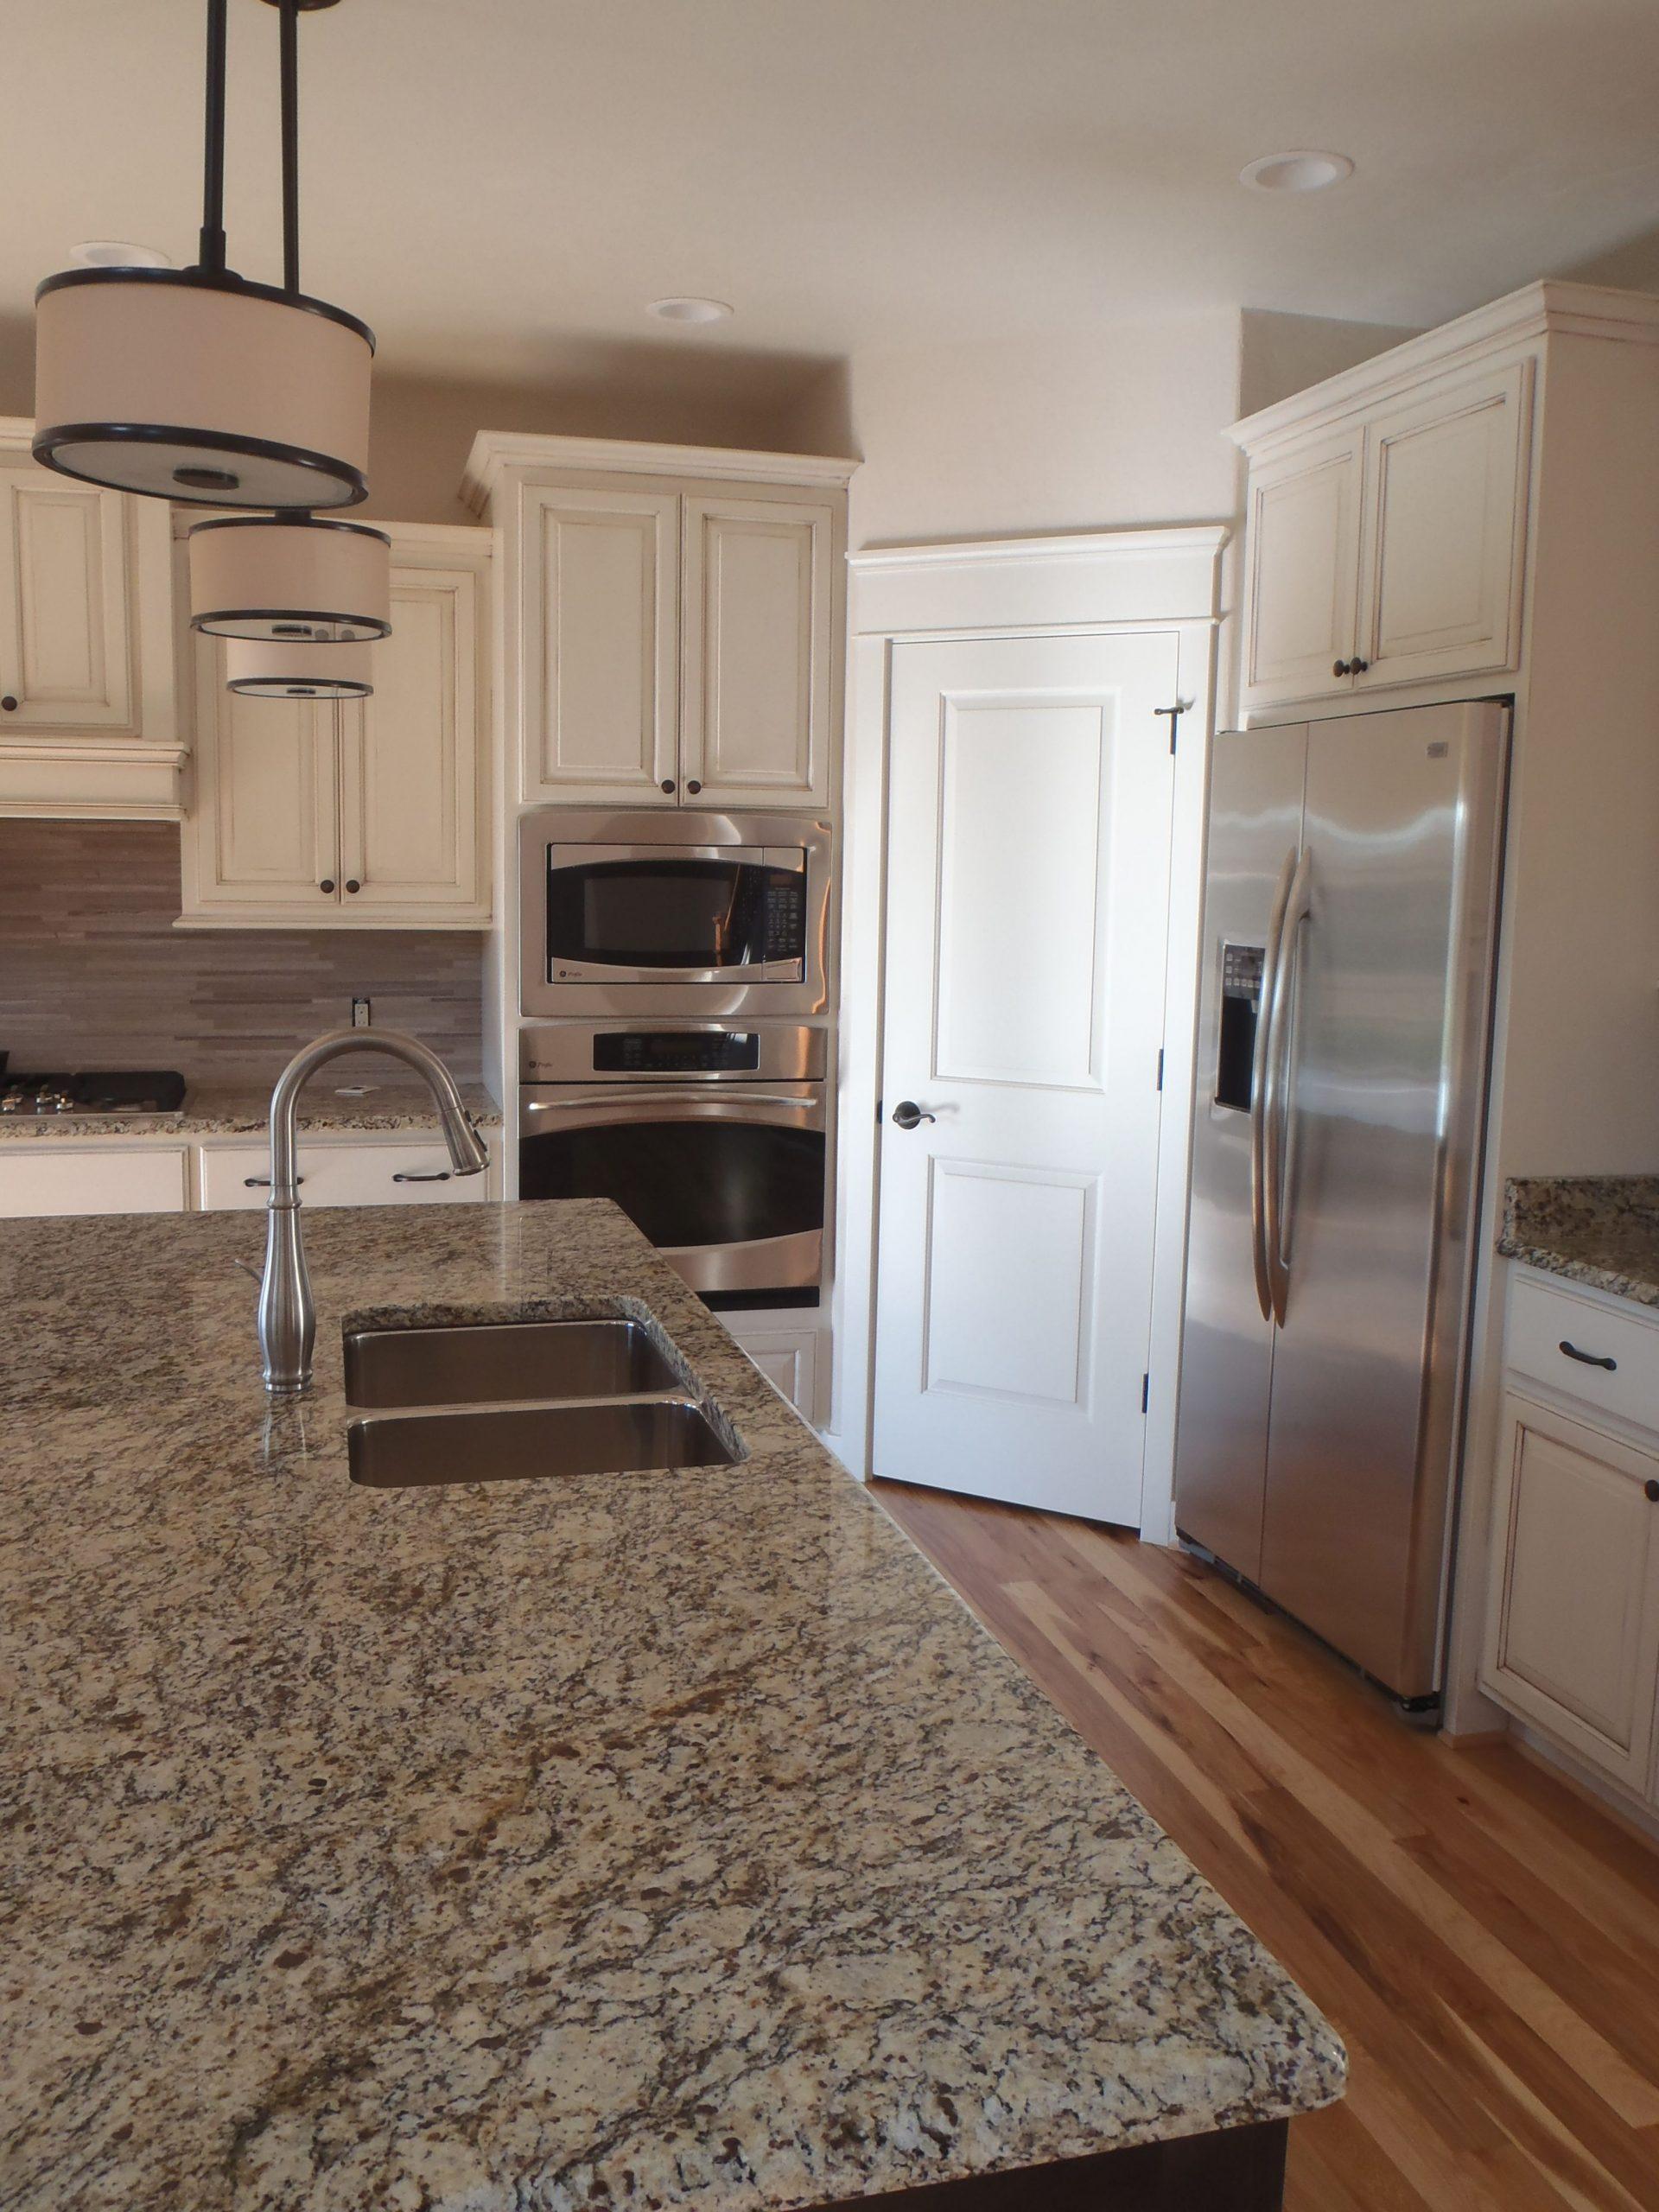 Carstensen Homes  Antique white kitchen cabinets, Antique white  - Antique White Kitchen Cabinets With Granite Countertops